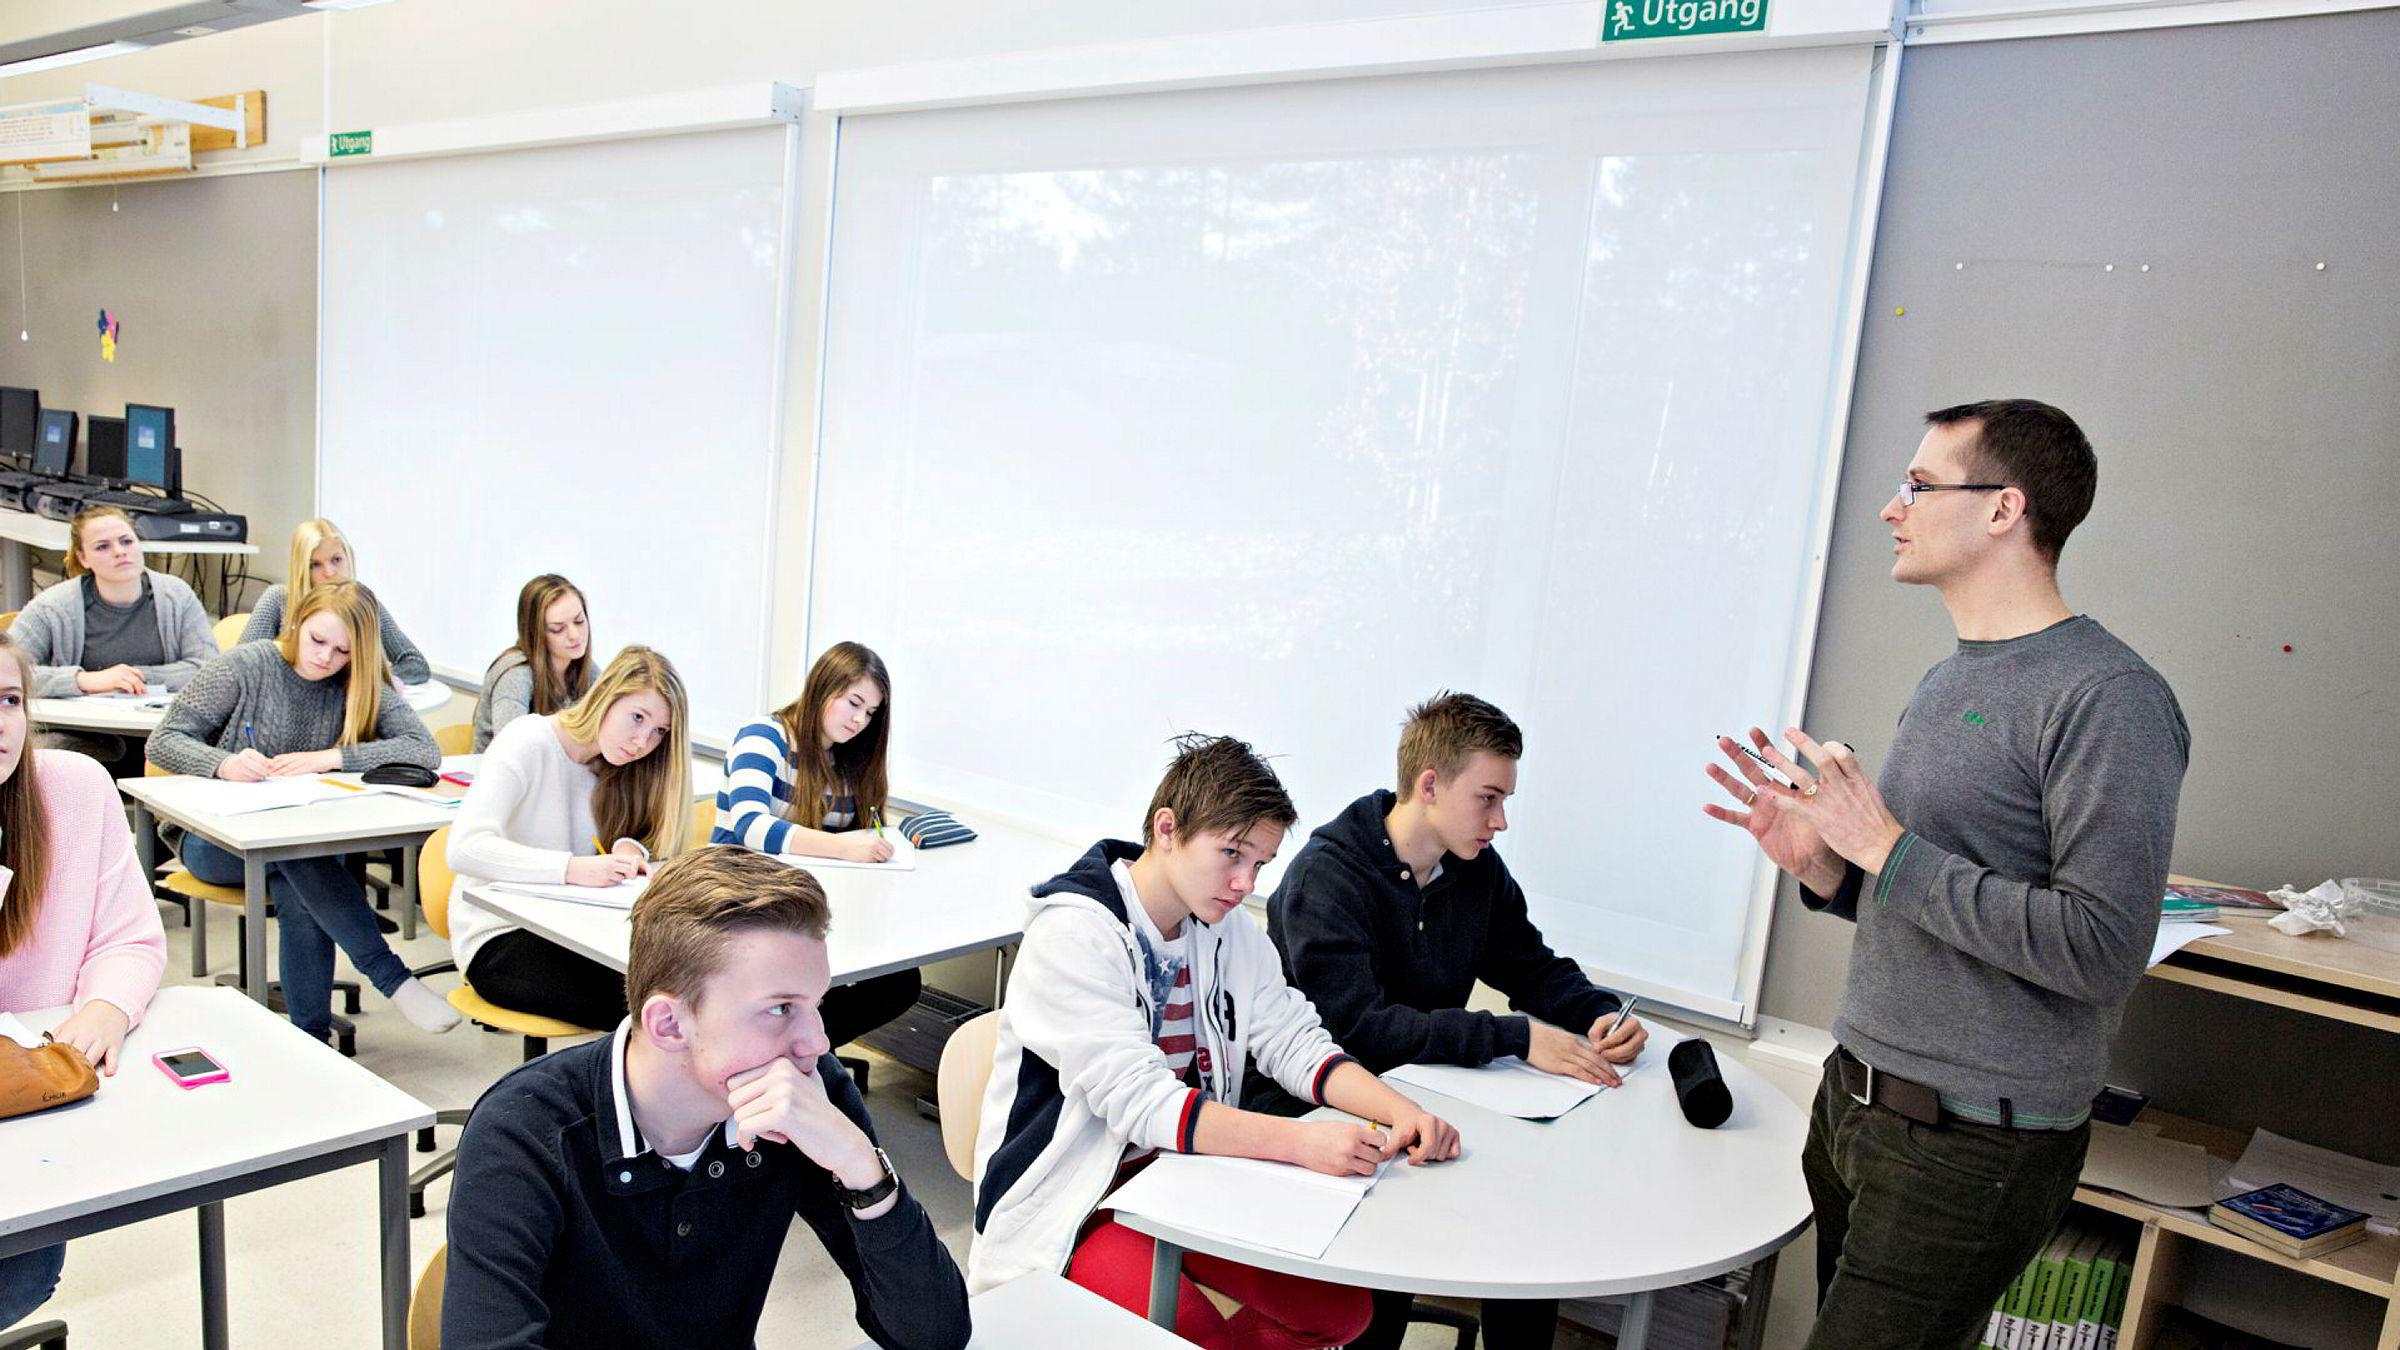 OECD har stått bak Pisa-tester av ferdigheter i lesing, matematikk og naturfag over hele Europa siden 2000, også i norsk skole.